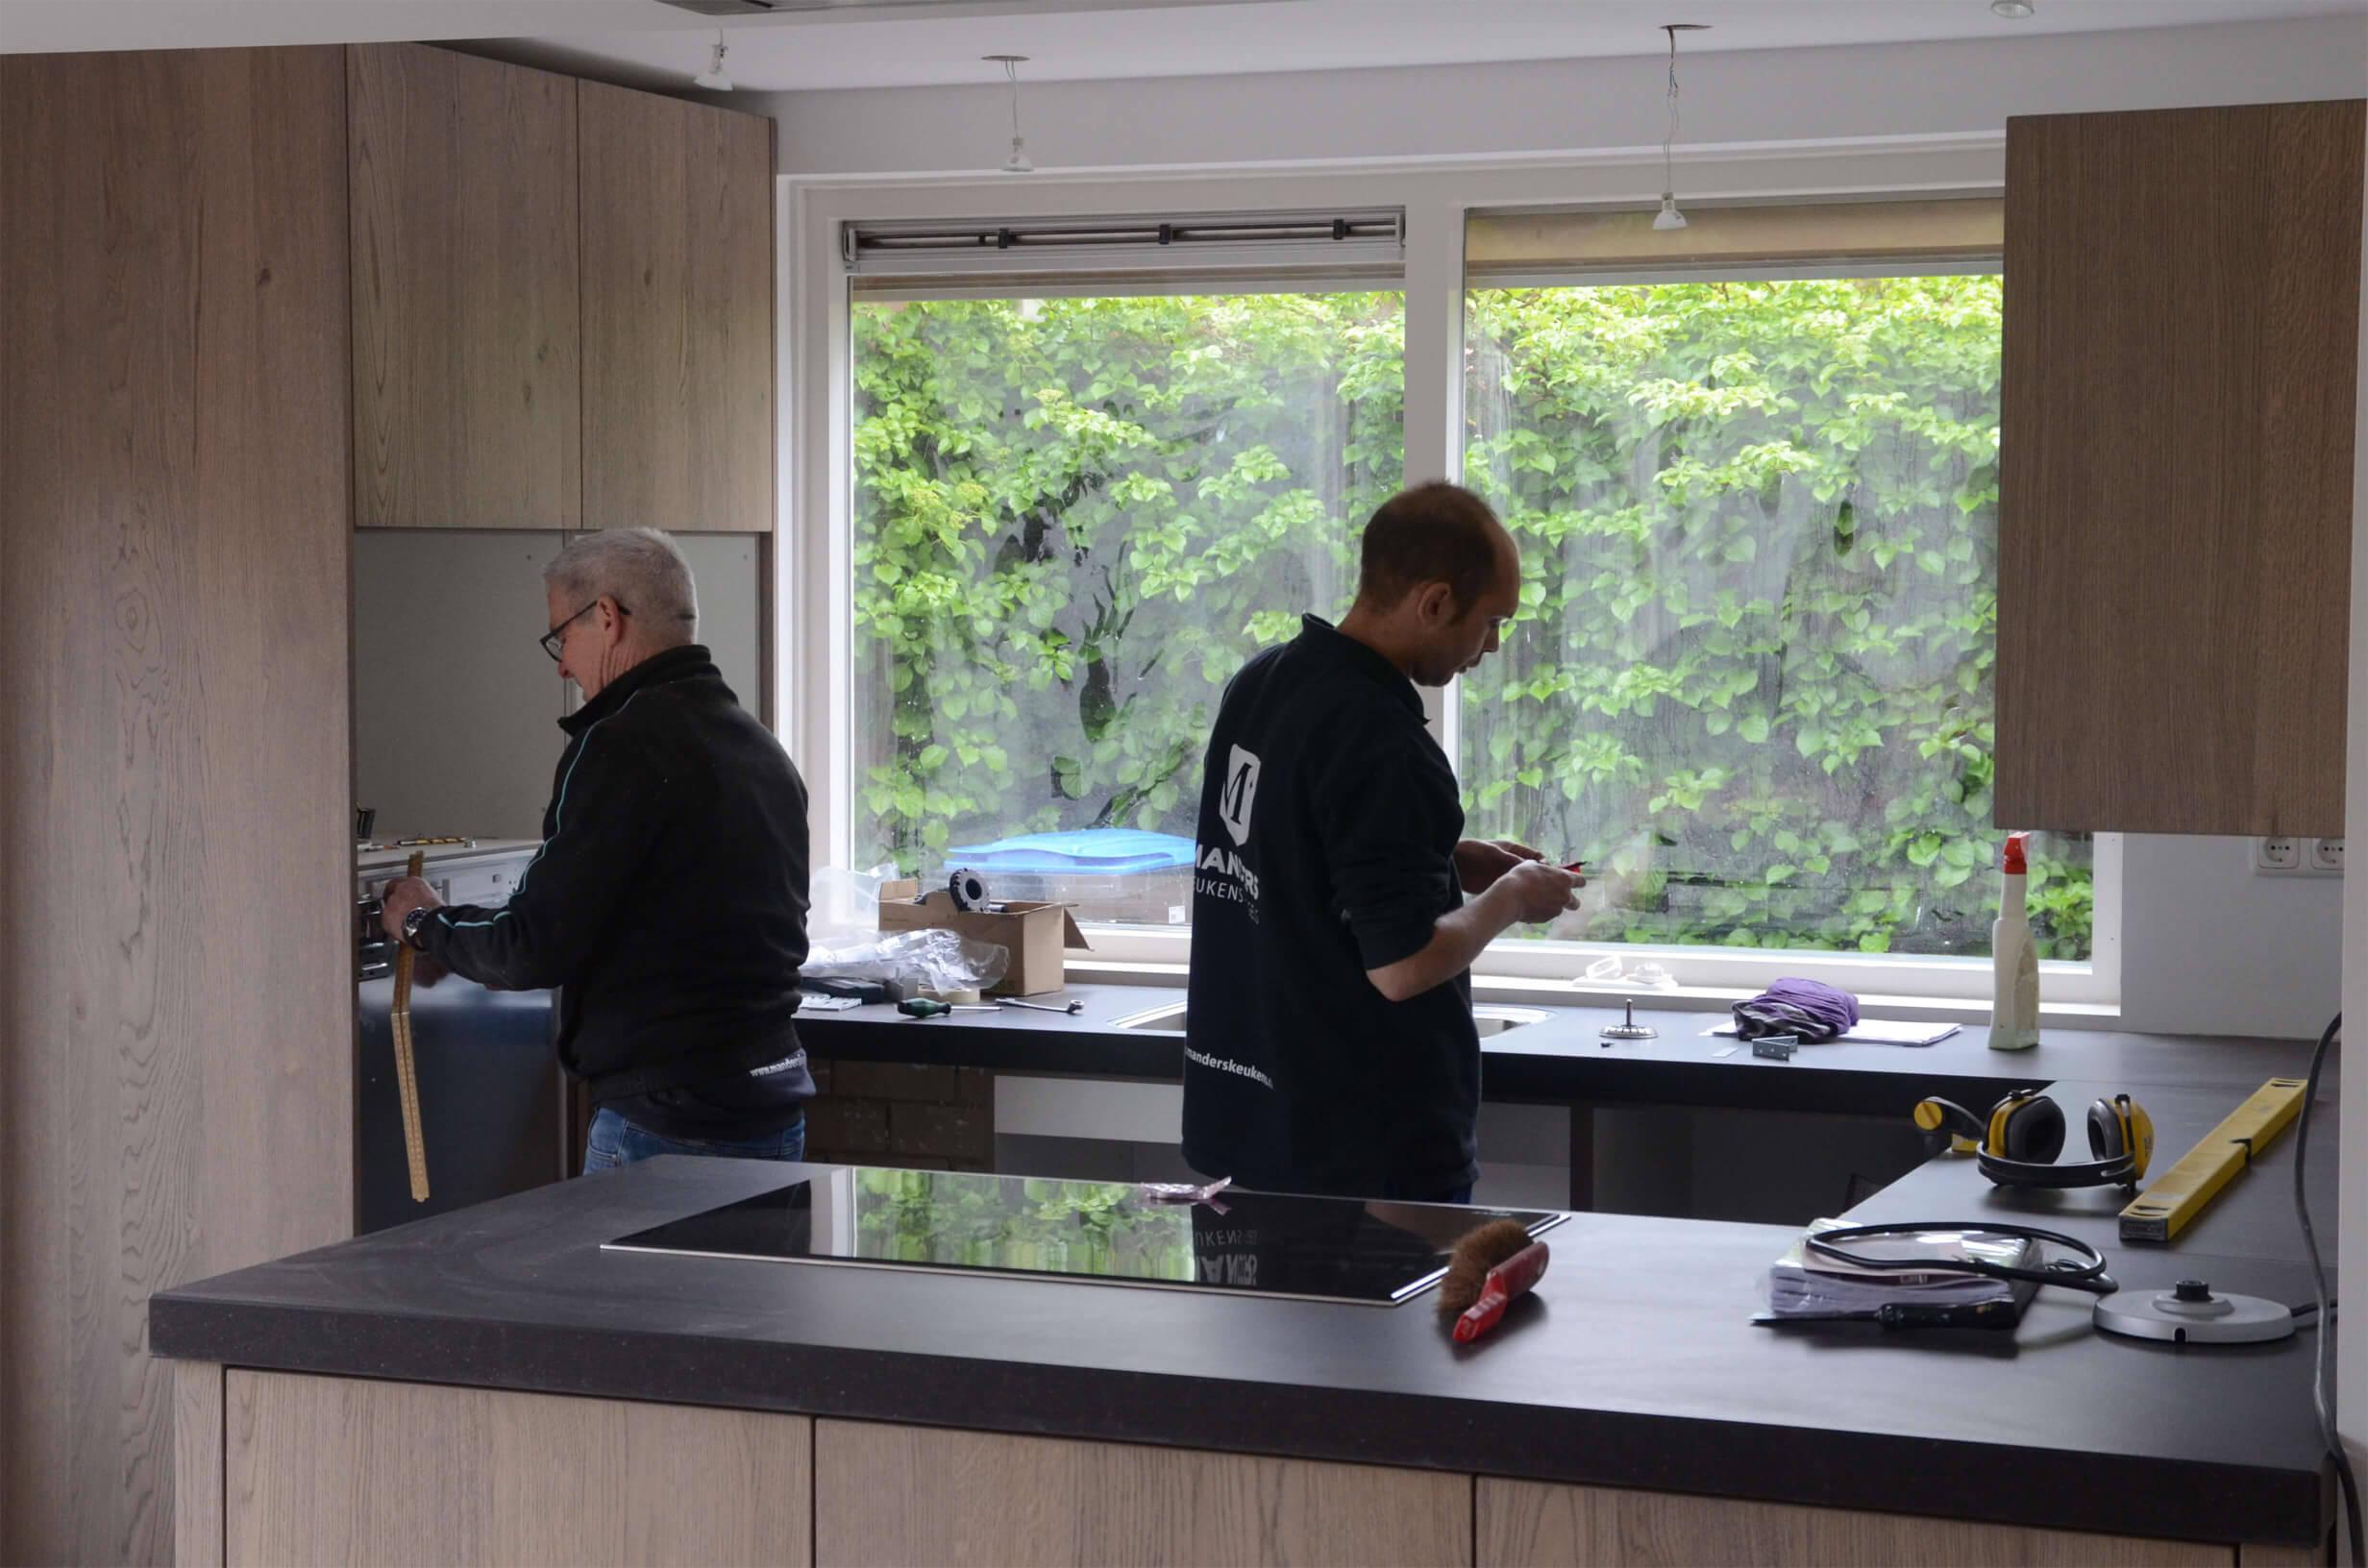 Keuken Inclusief Montage : Kraan monteren keuken